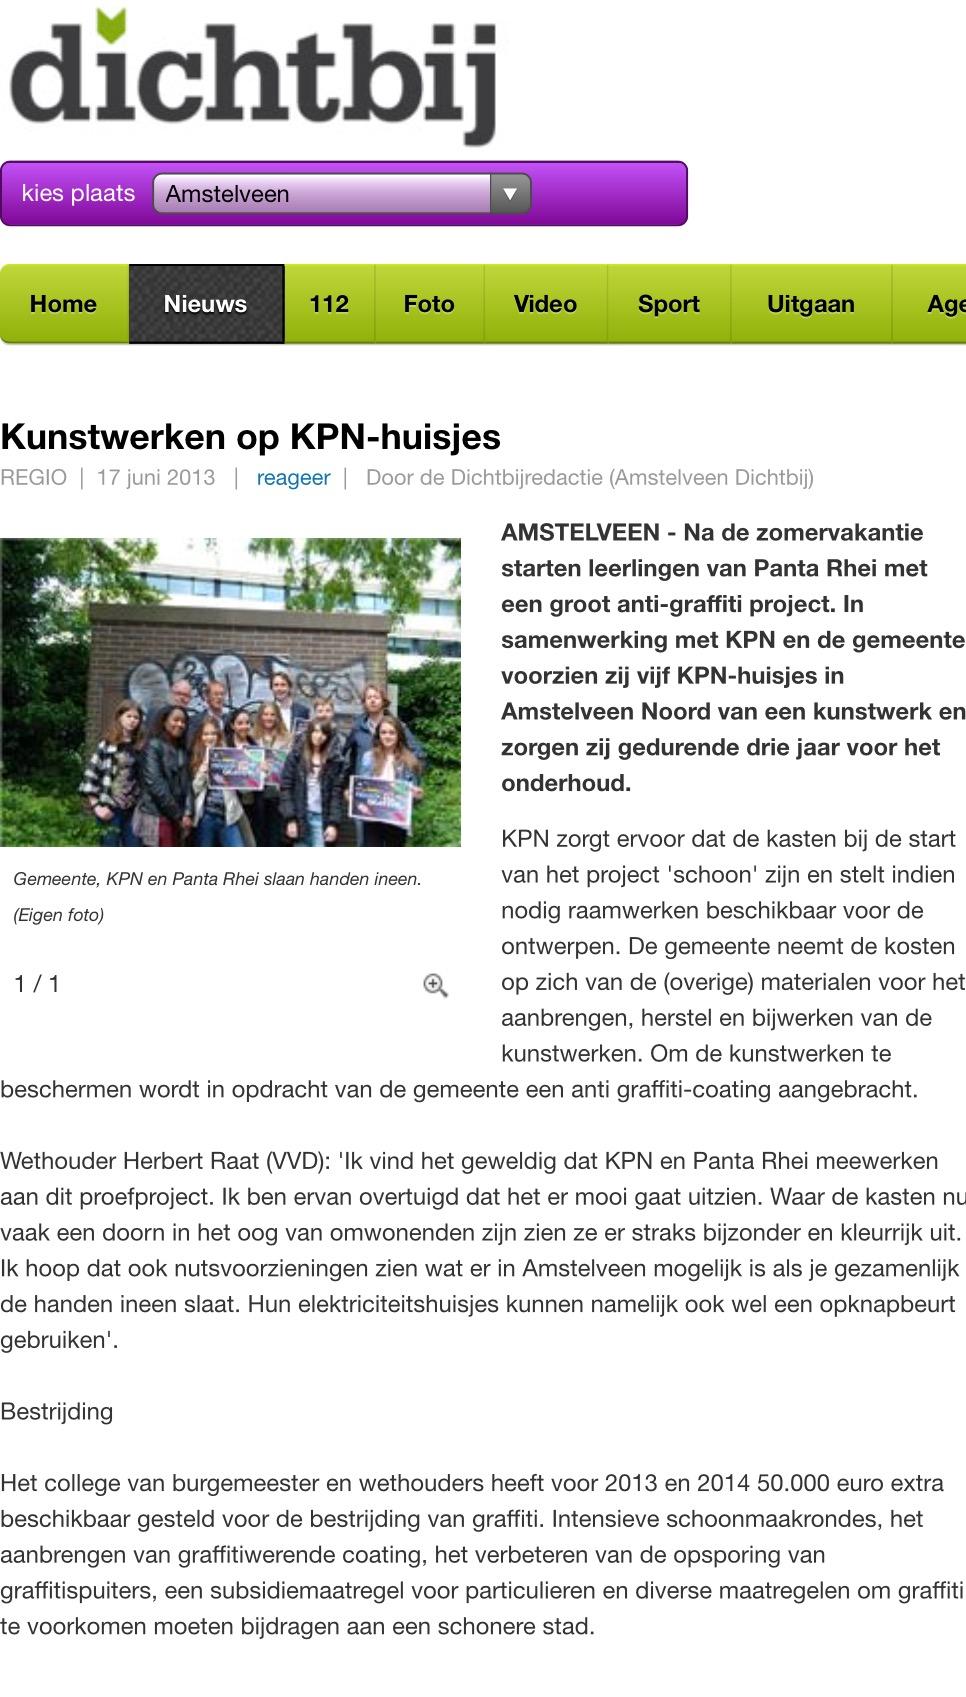 2013-17-6; Amstelveen Dichtbij; Herbert Raat over actie Panta Rhei, graffiti kunst in Amstelveen